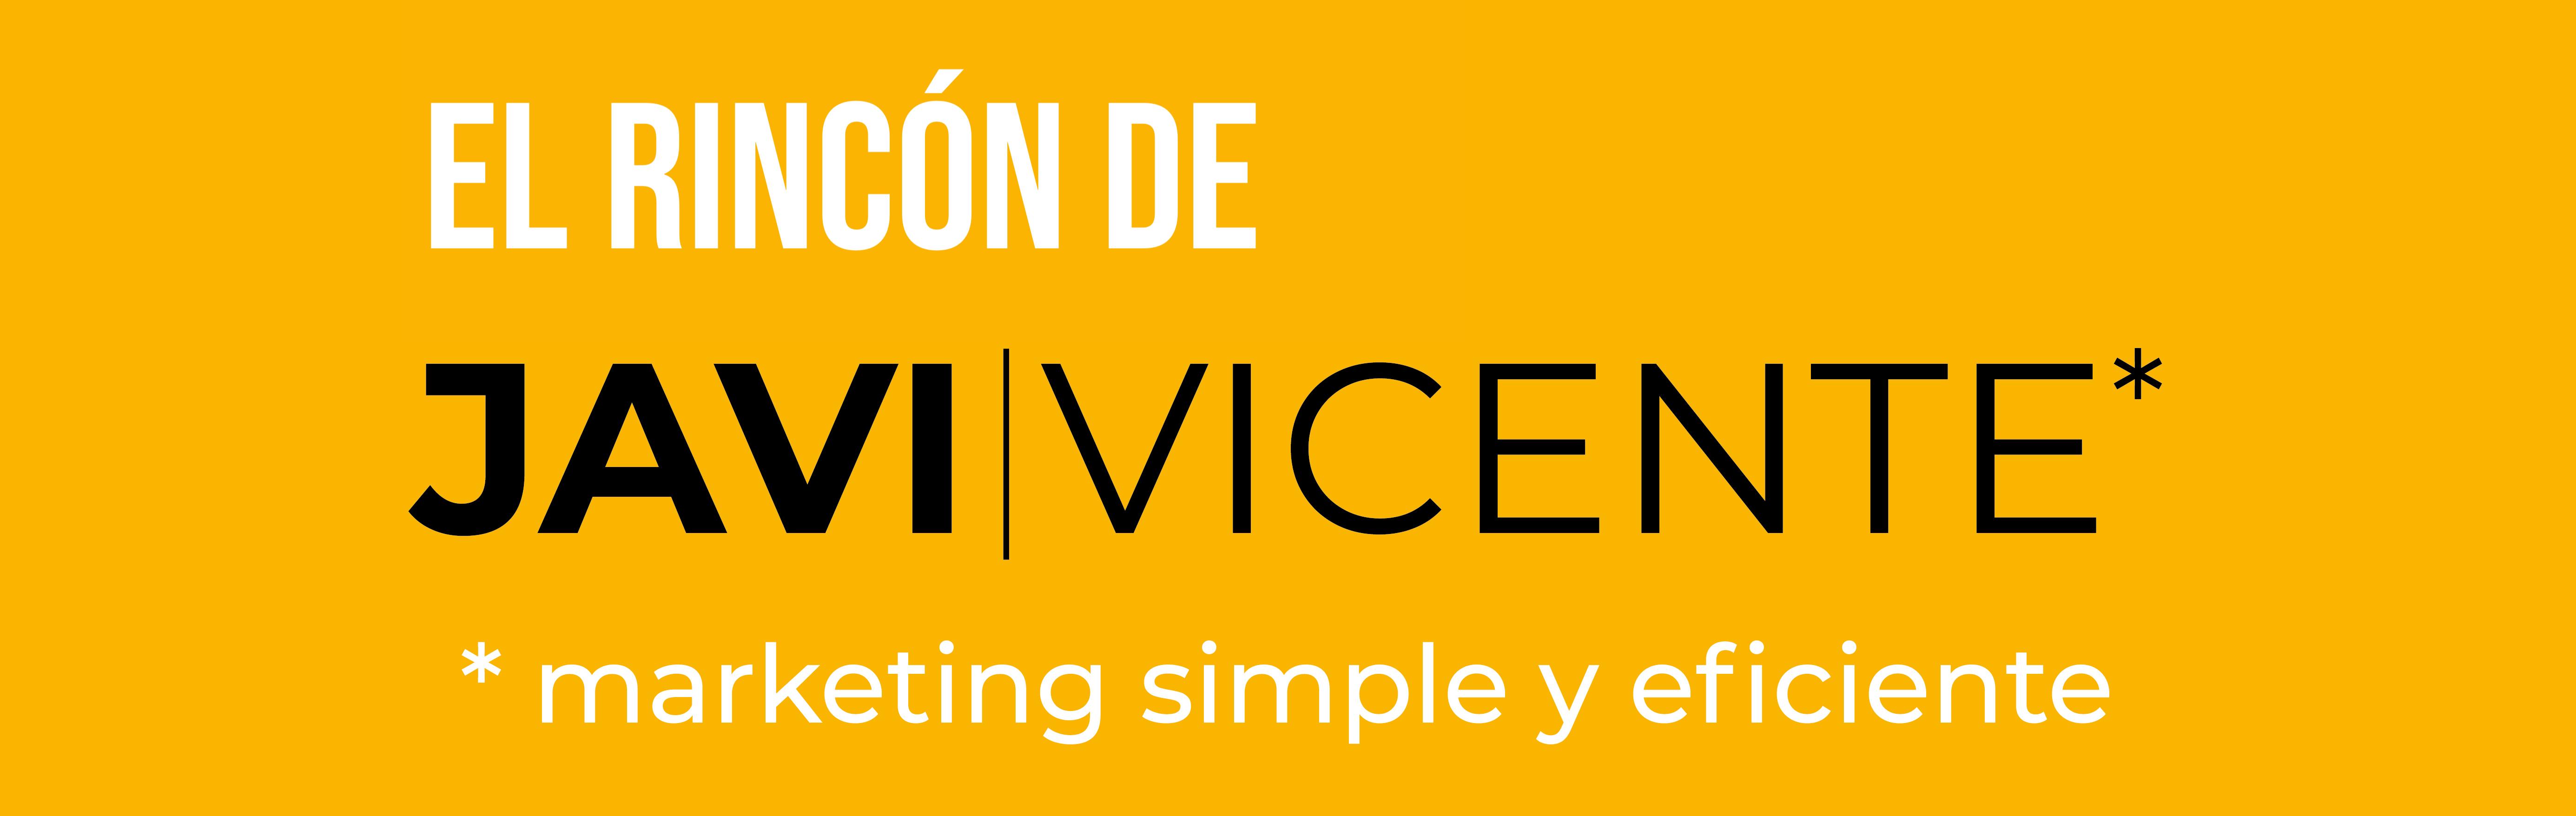 El Rincón de Javi Vicente